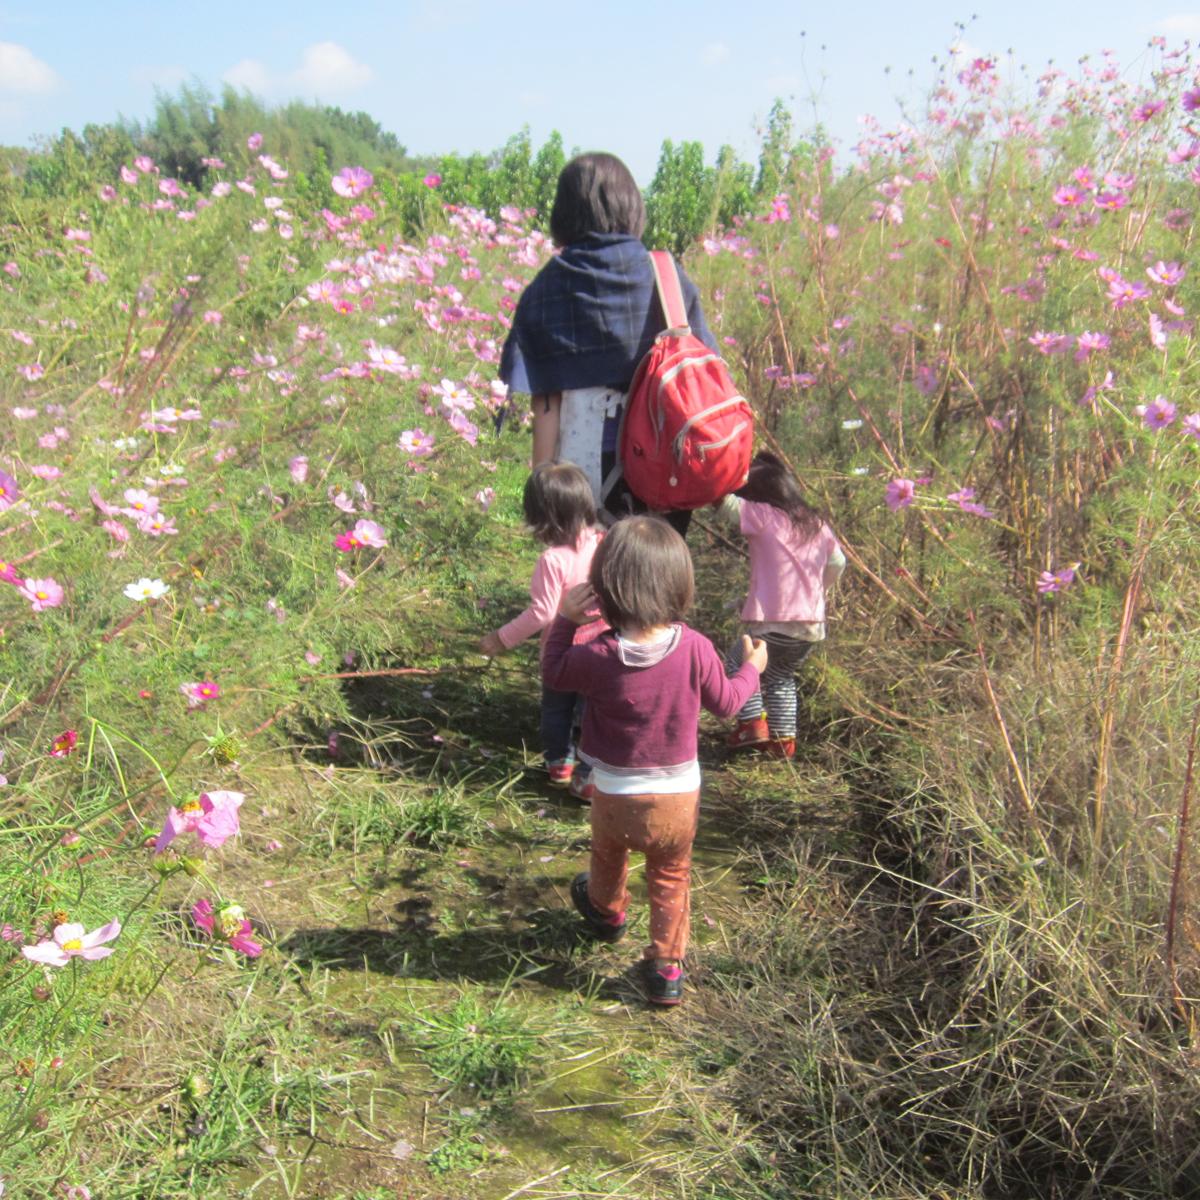 所沢市のあかね保育園のお花畑のお散歩の画像